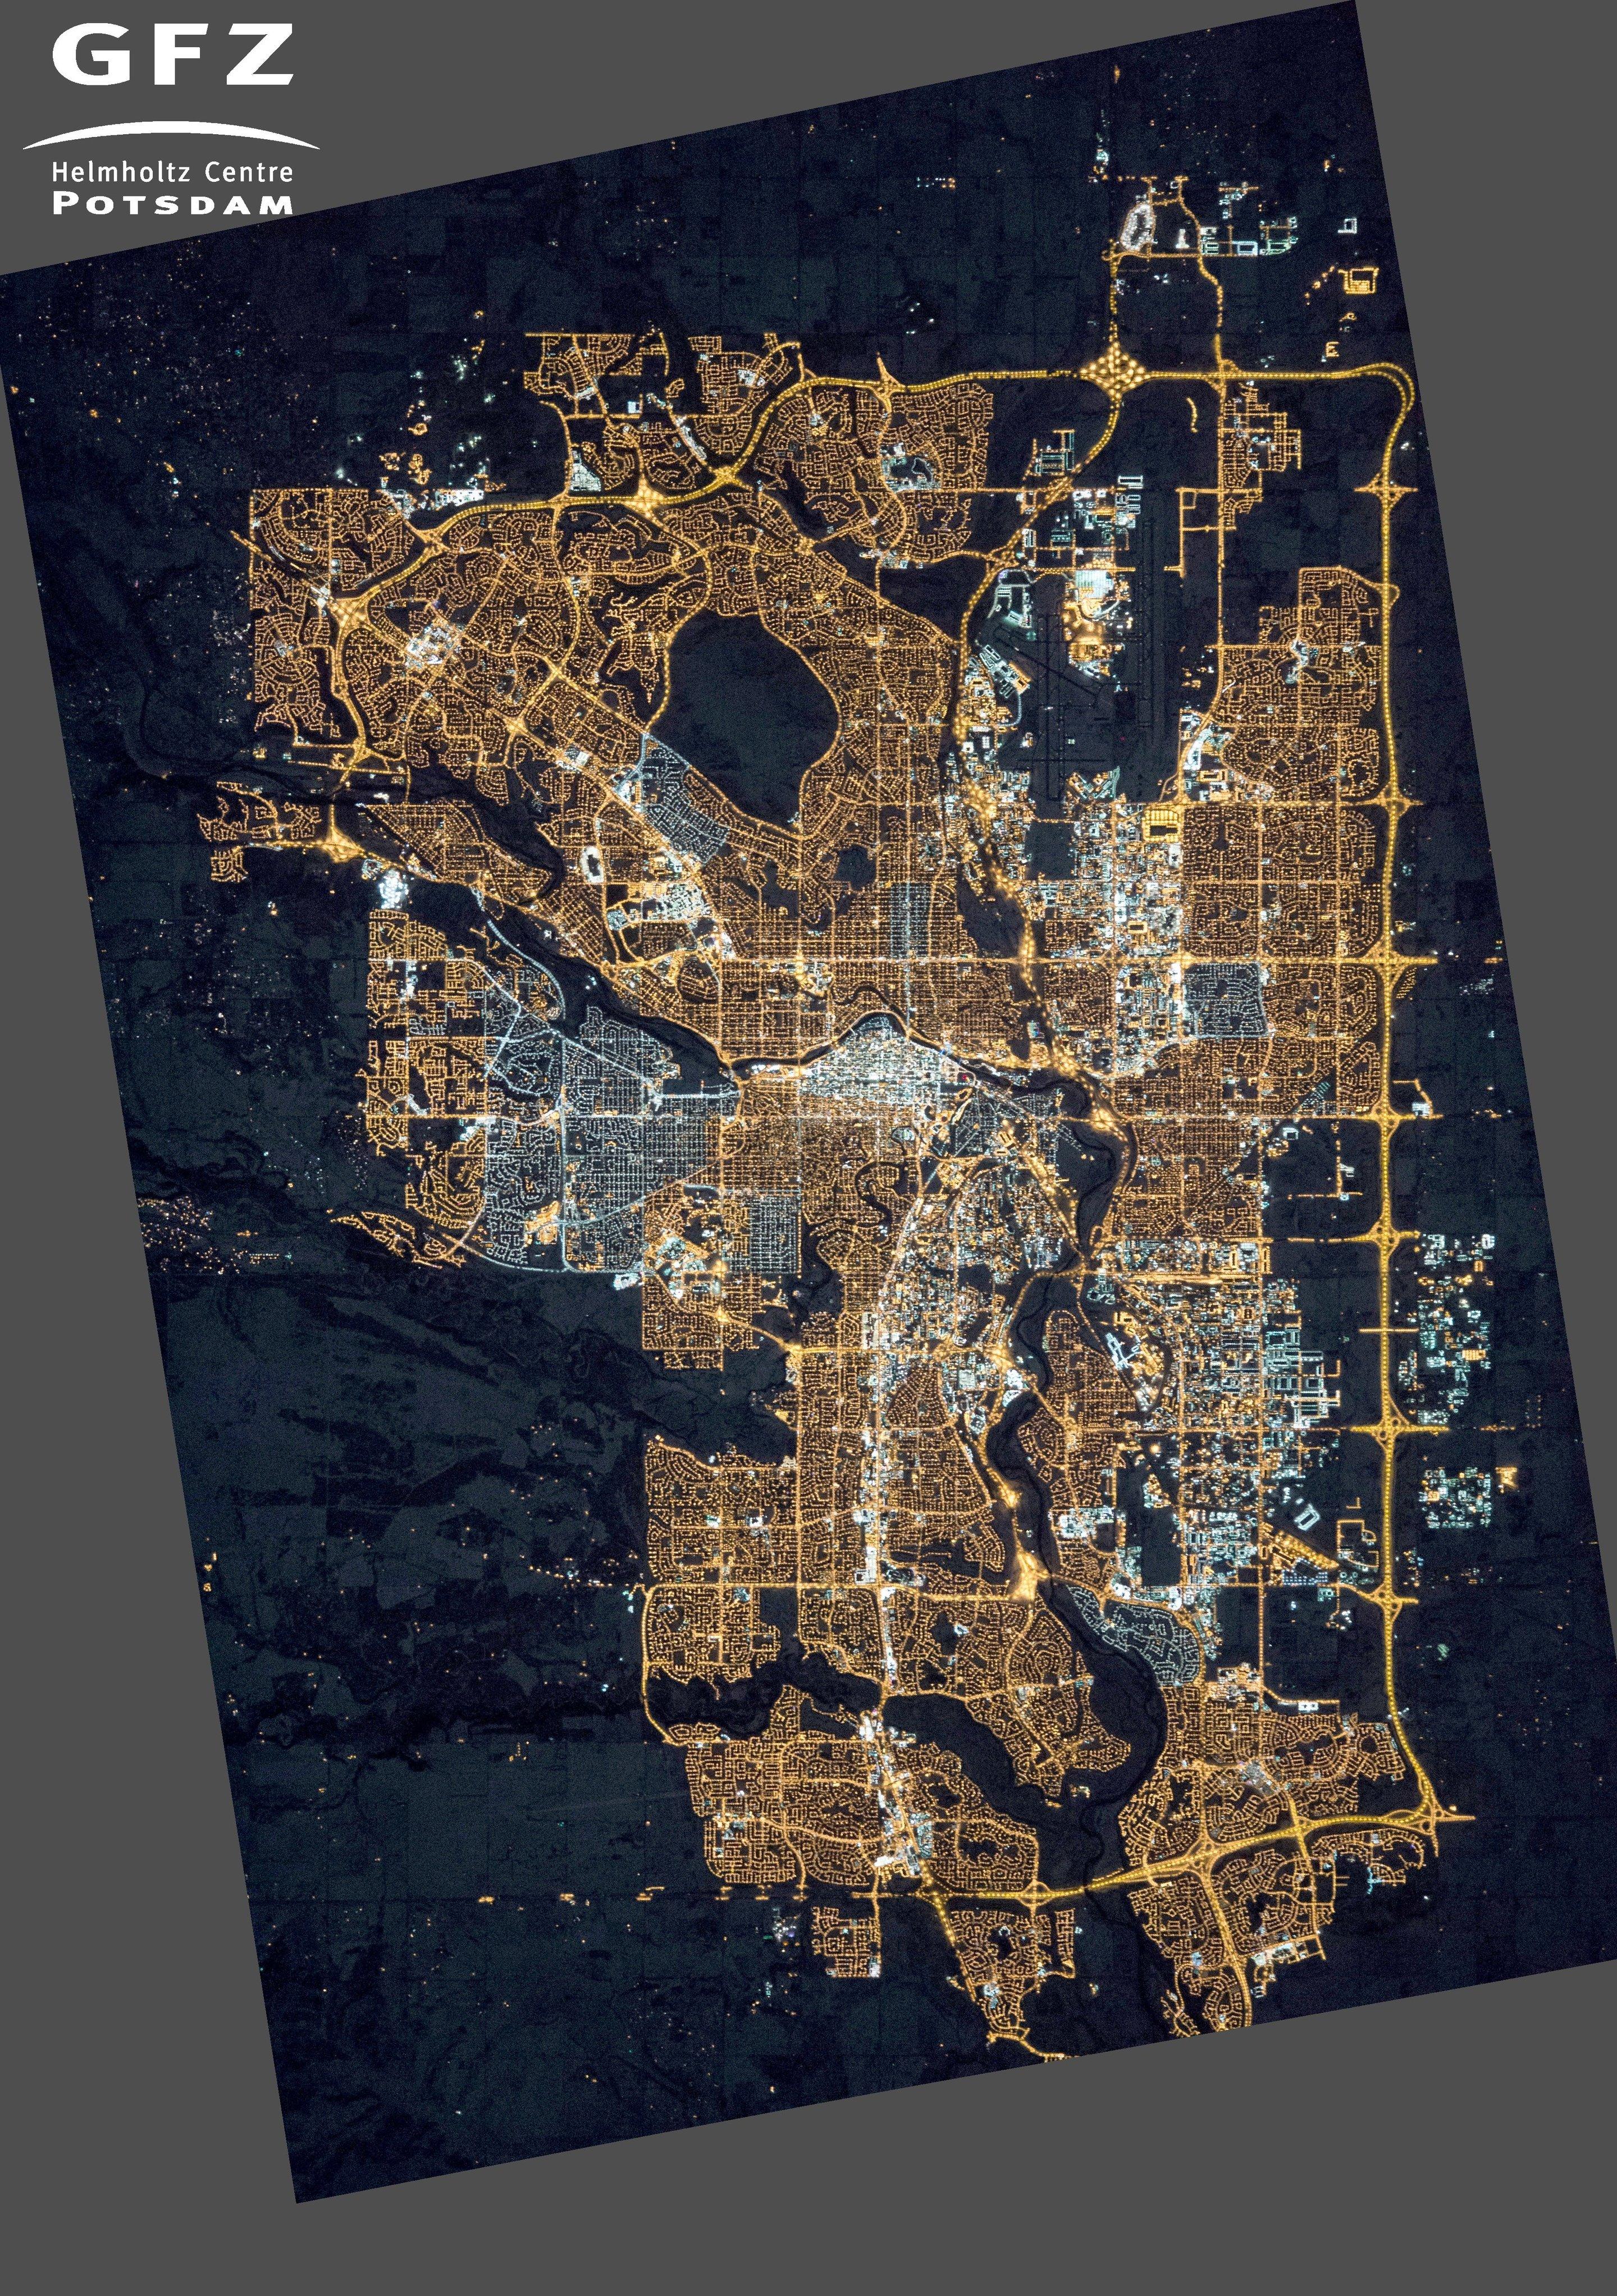 Noční Calgary vříjnu 2015. Snímek zpaluby ISS. Kredit: NASA's Earth Observatory/Kyba, GFZ.